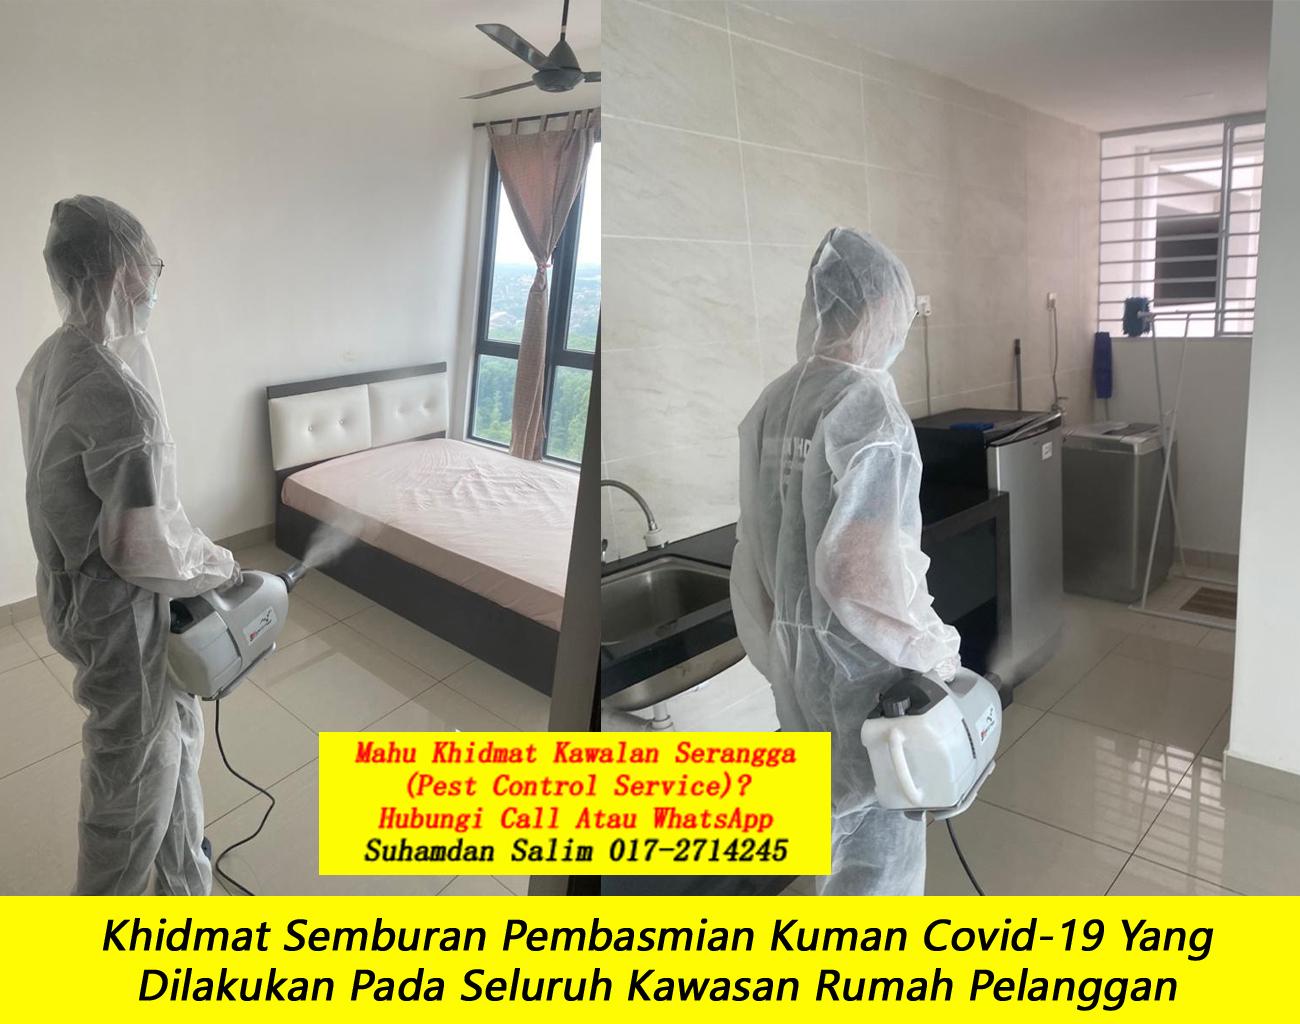 khidmat sanitizing membasmi kuman Covid-19 Disinfection Service semburan sanitize covid 19 paling berkesan dengan harga berpatutan the best service covid-19 pedas negeri sembilan felda